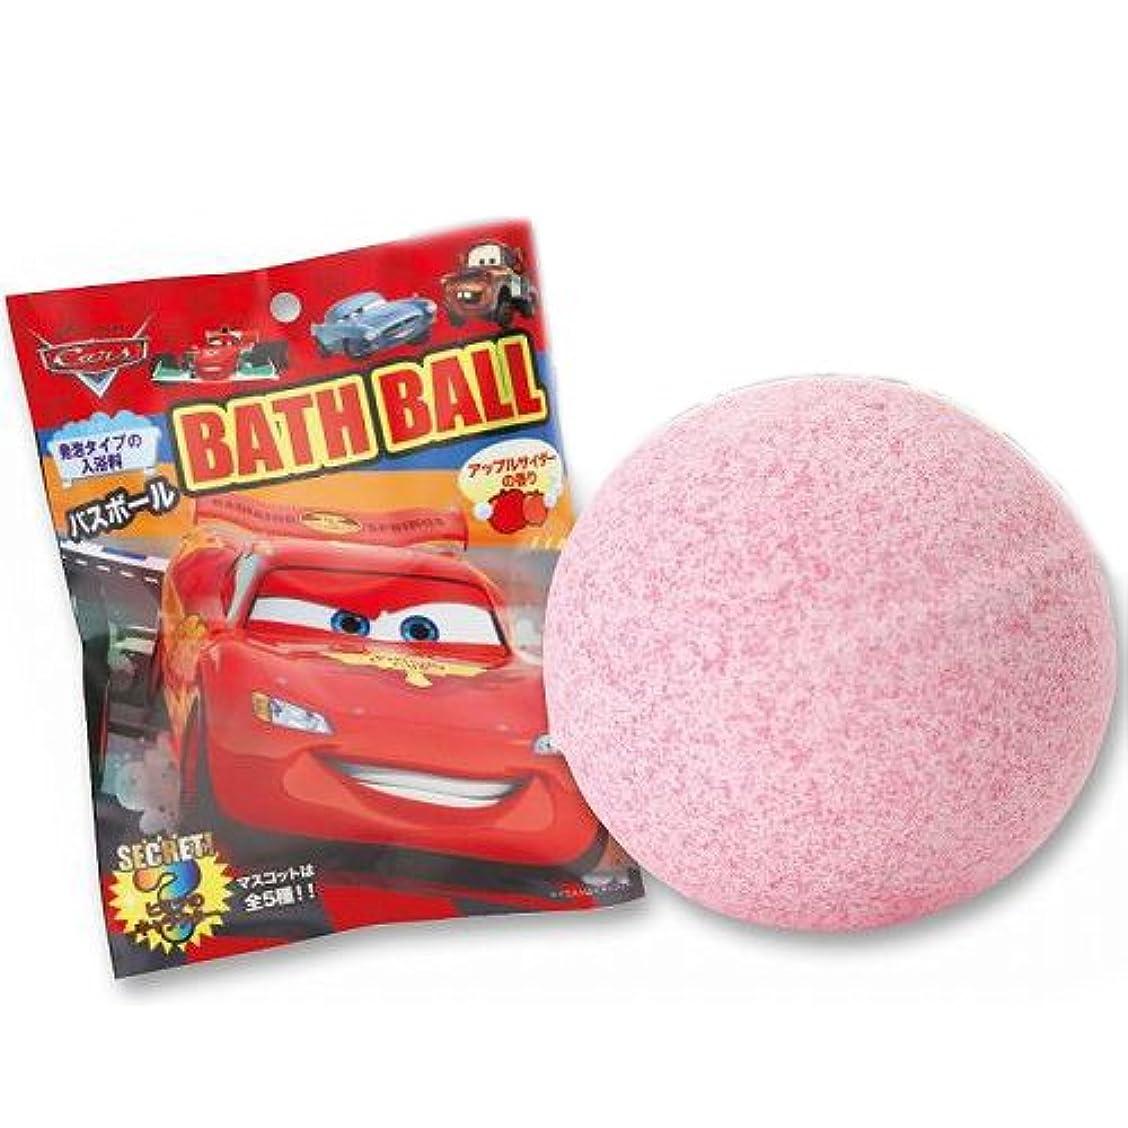 憤る疎外するライターカーズ バスボール 入浴剤 CARS マスコットフィズ バスフィズ おもちゃ グッズ コレクション 12937【即日?翌日発送】